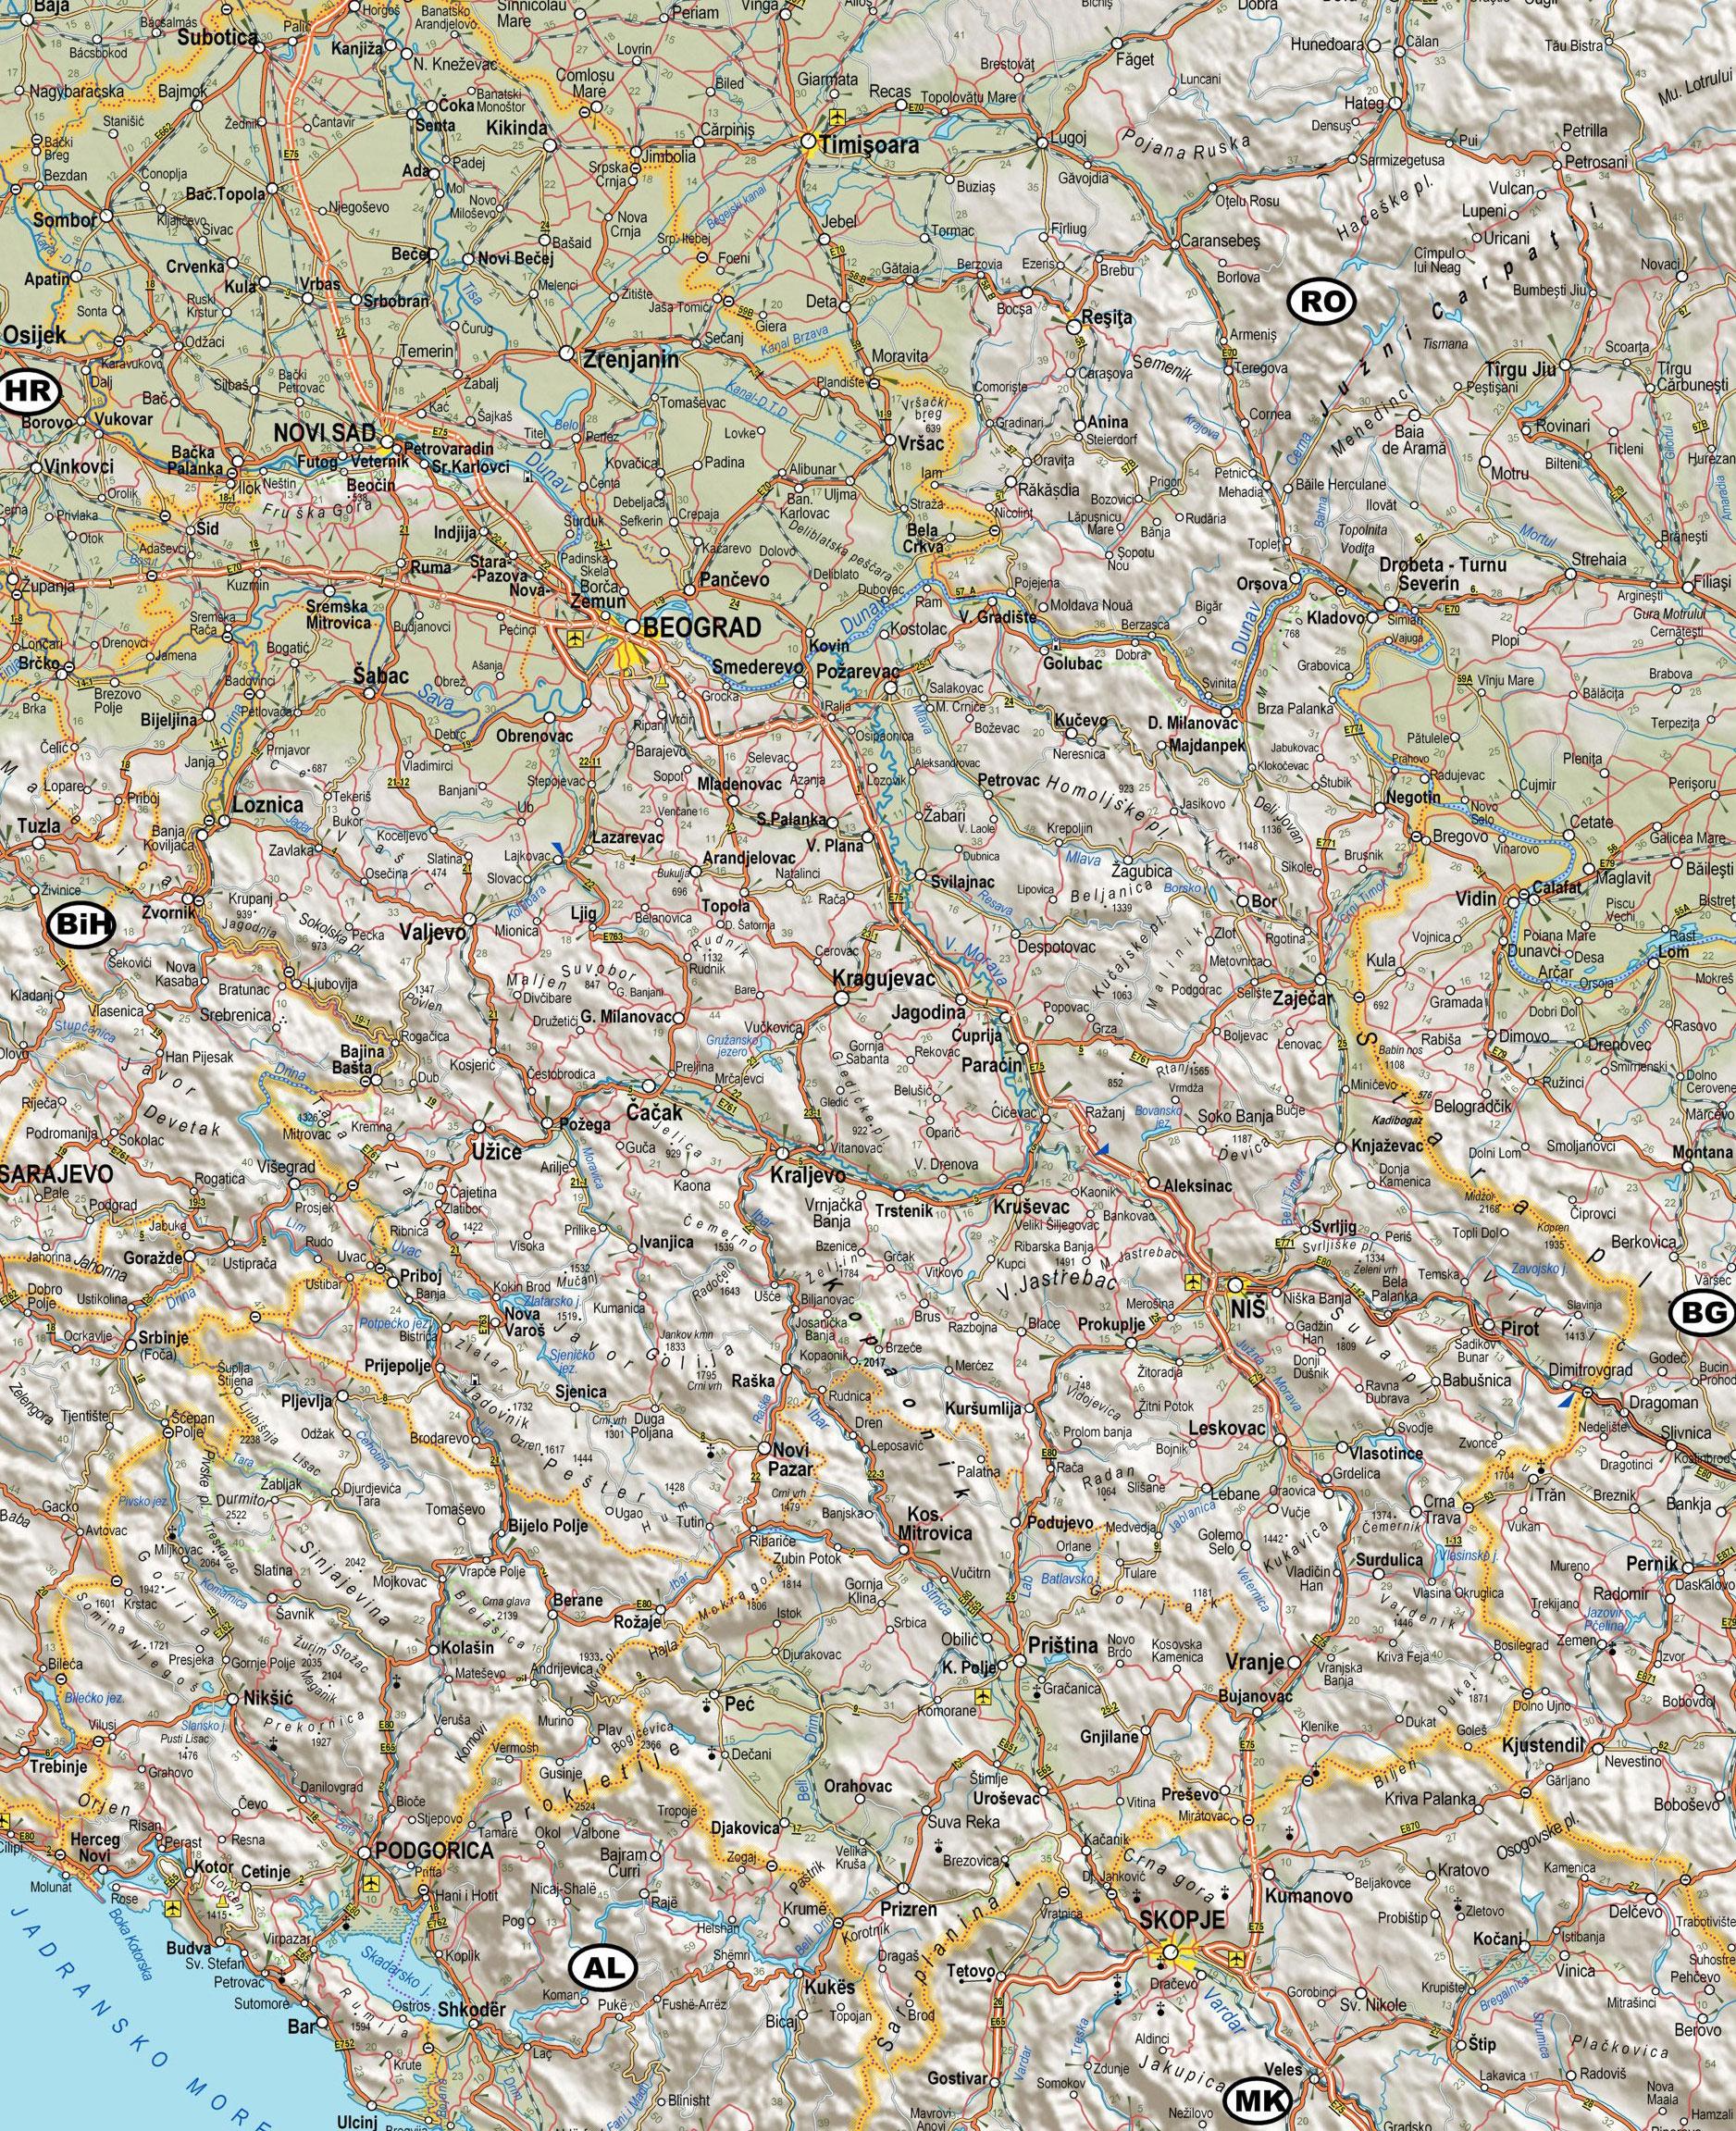 karta srbije auto Auto karta Srbije – Motorna vozila karta srbije auto